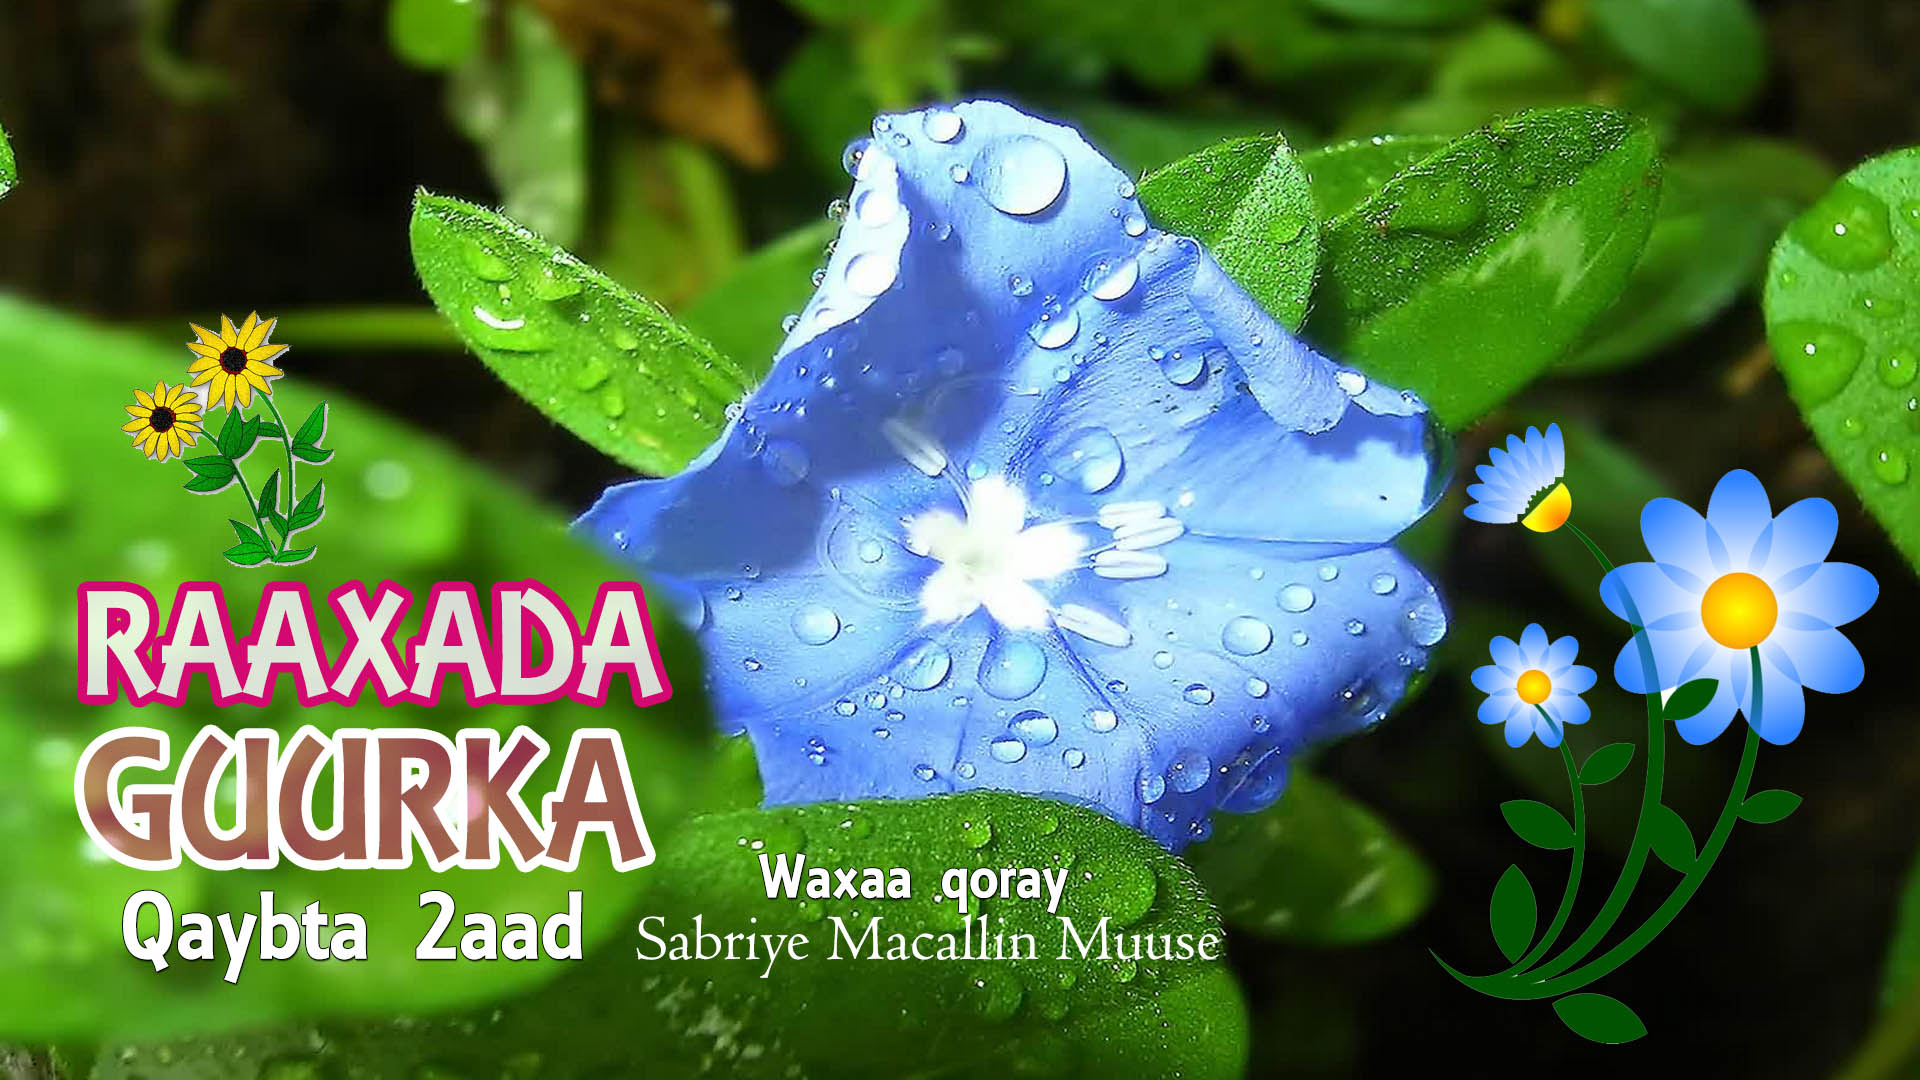 Raaxada Guurka  Qaybta 2aad